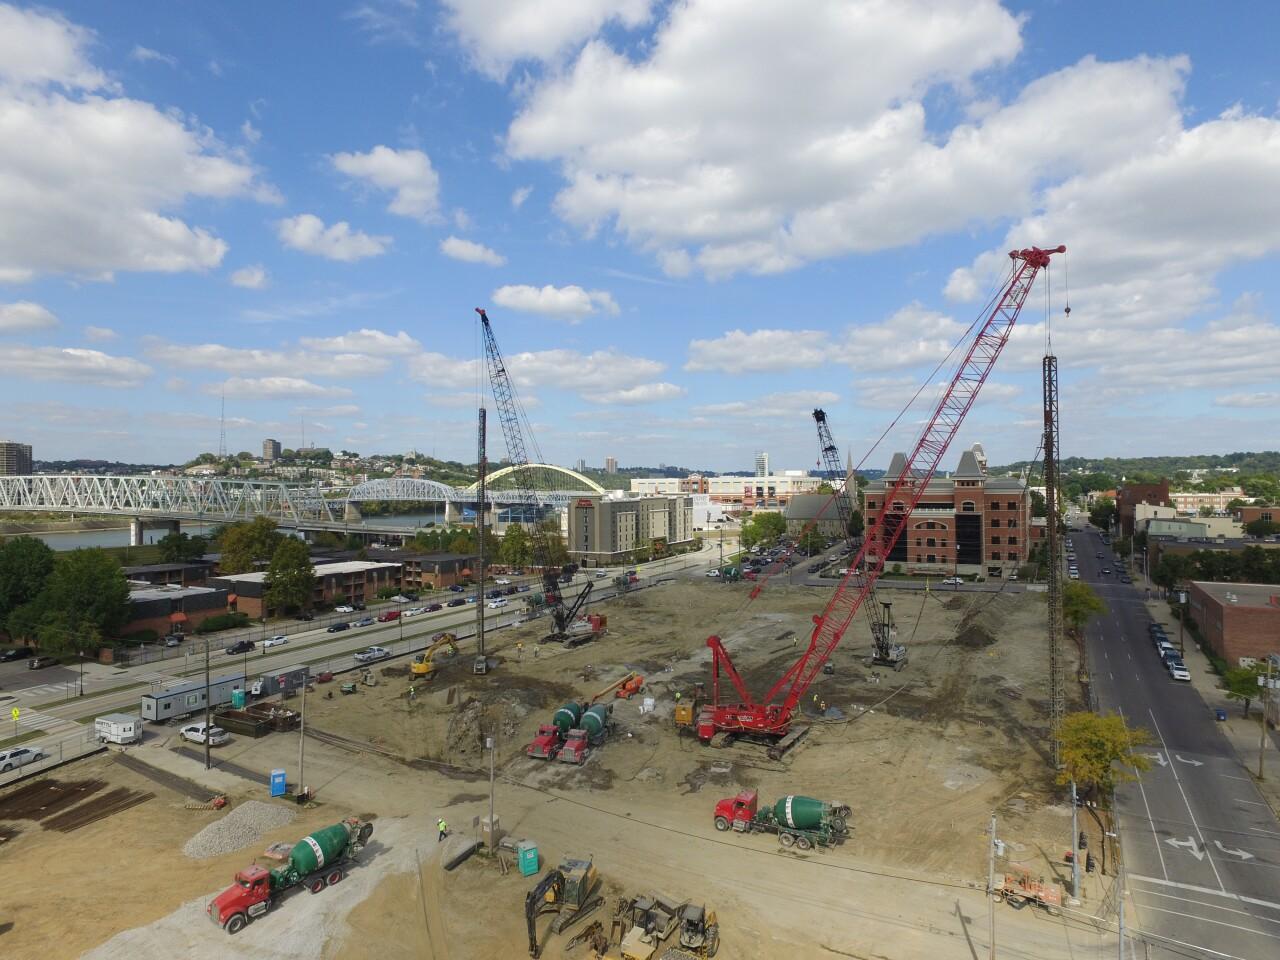 Construction at concert venue in Newport.